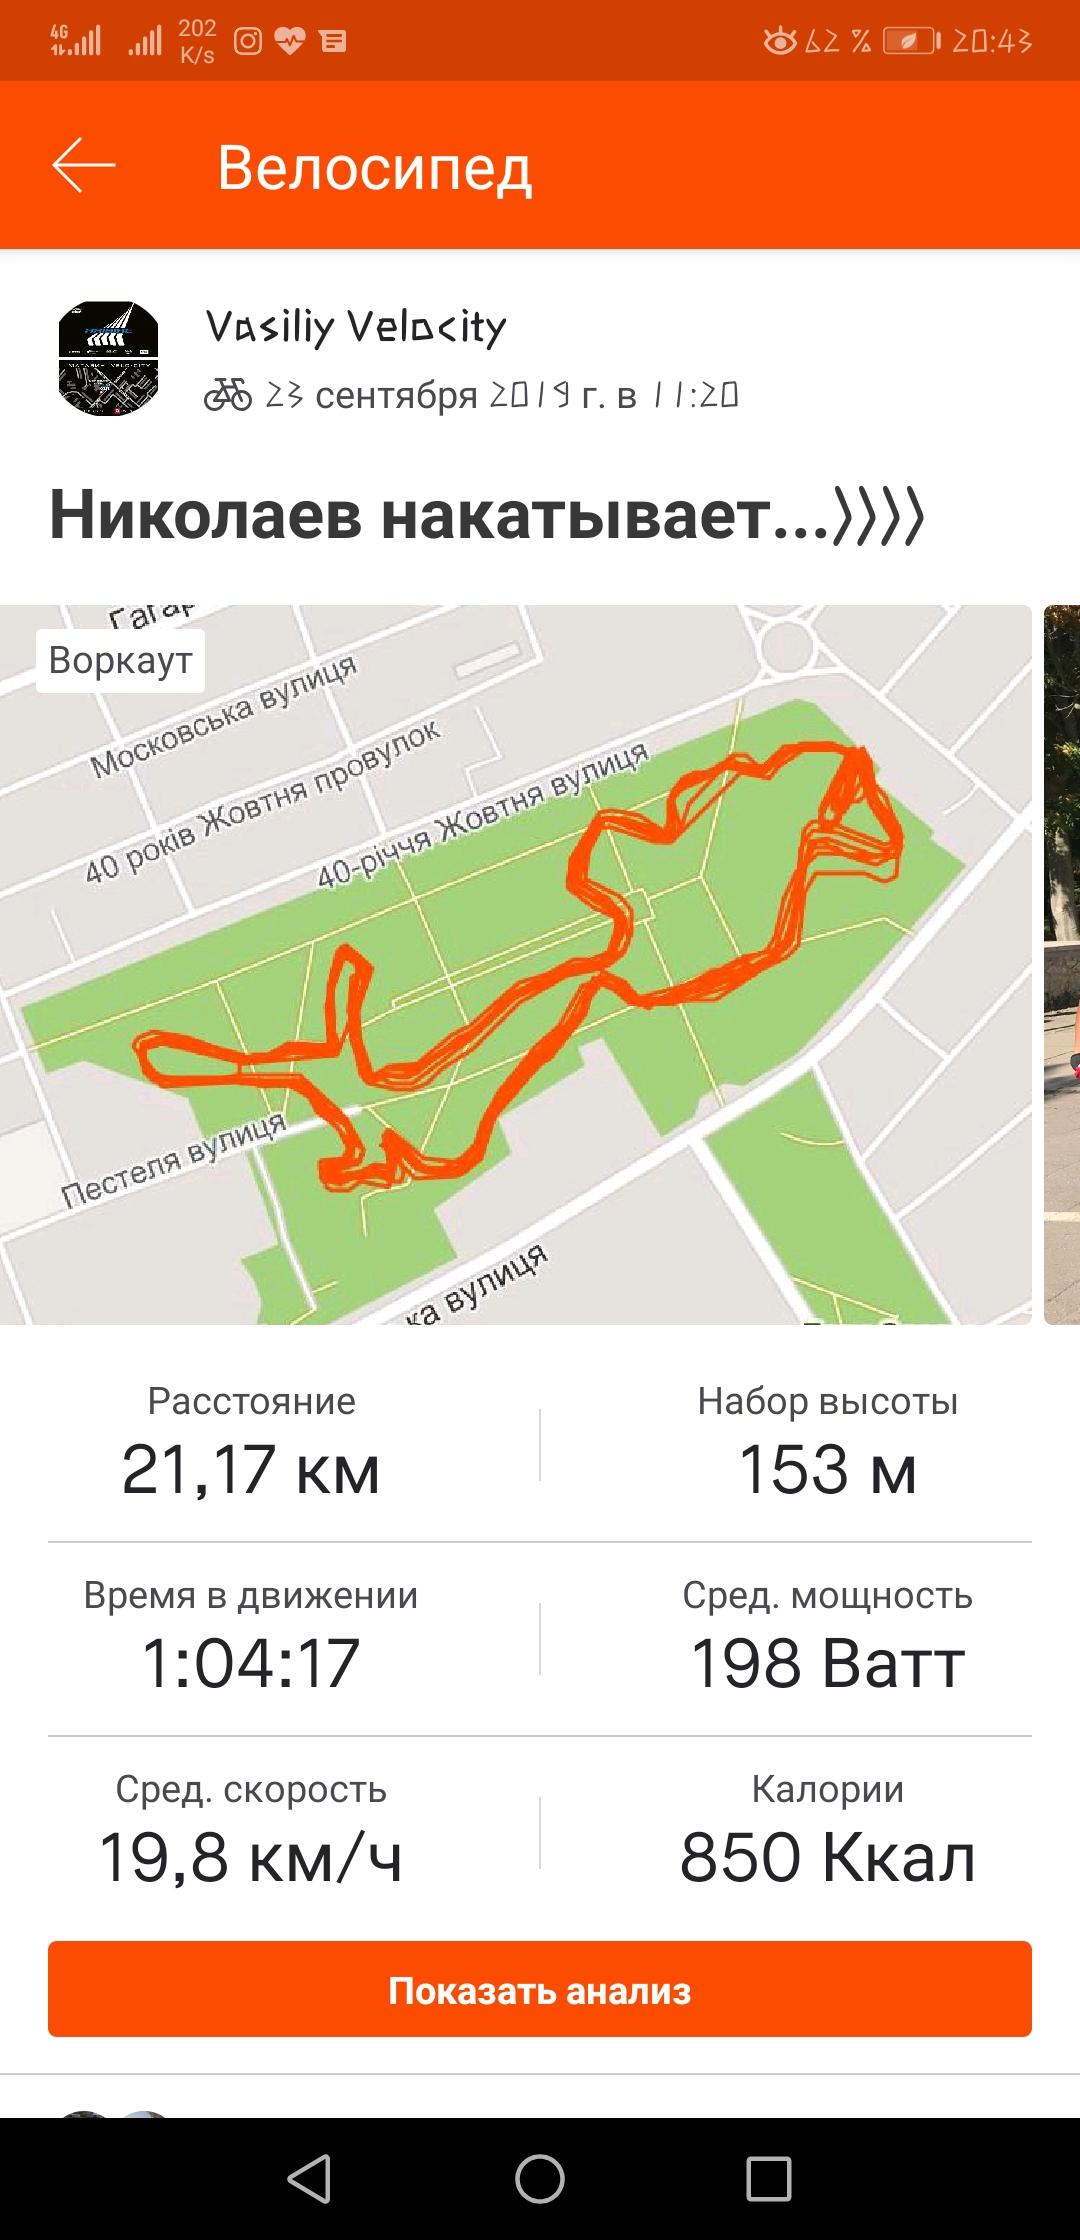 http://s5.uploads.ru/A3qTS.jpg